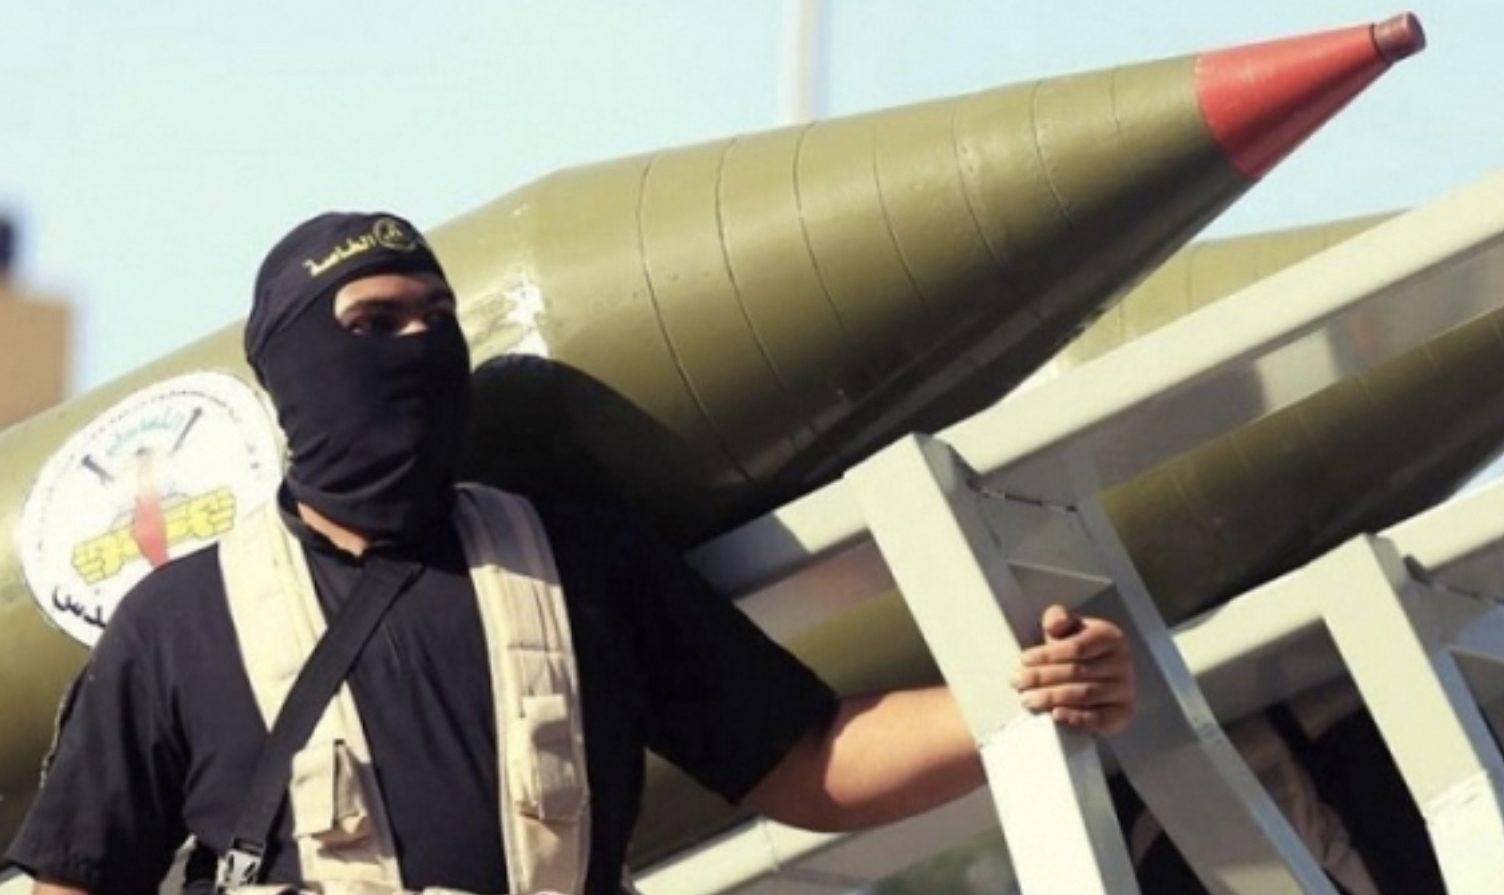 ¿Cuánto cuesta el arsenal de cohetes de Hamás?